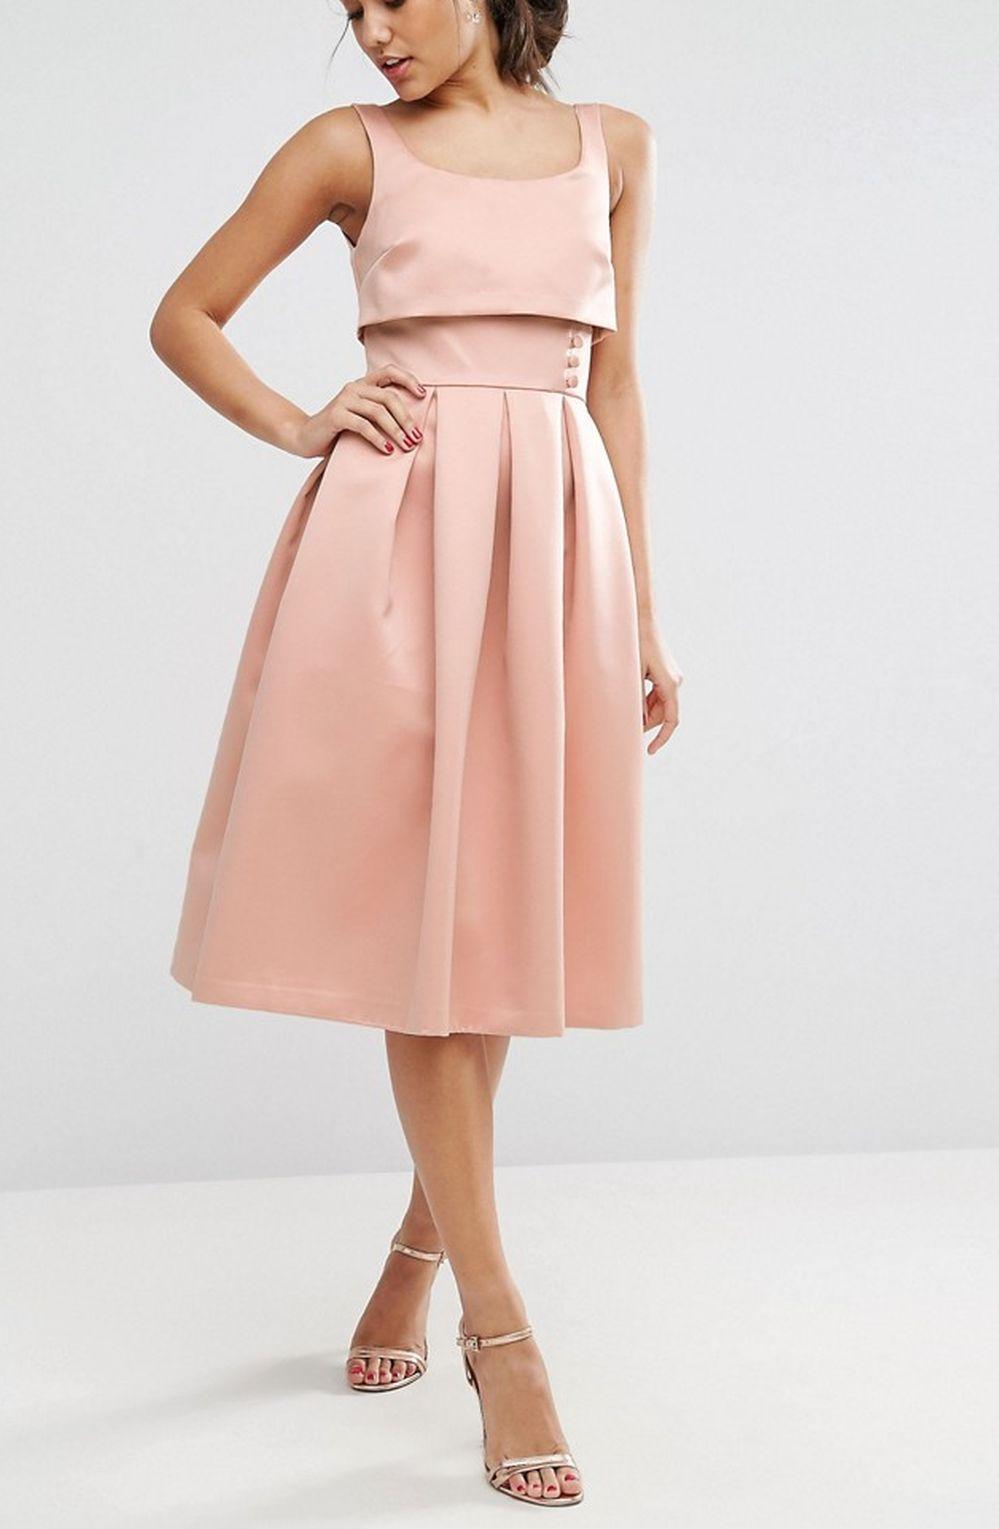 ca98a6447d Sukienka pudrowy róż kloszowana 36 s wesele - 7352840505 - oficjalne ...